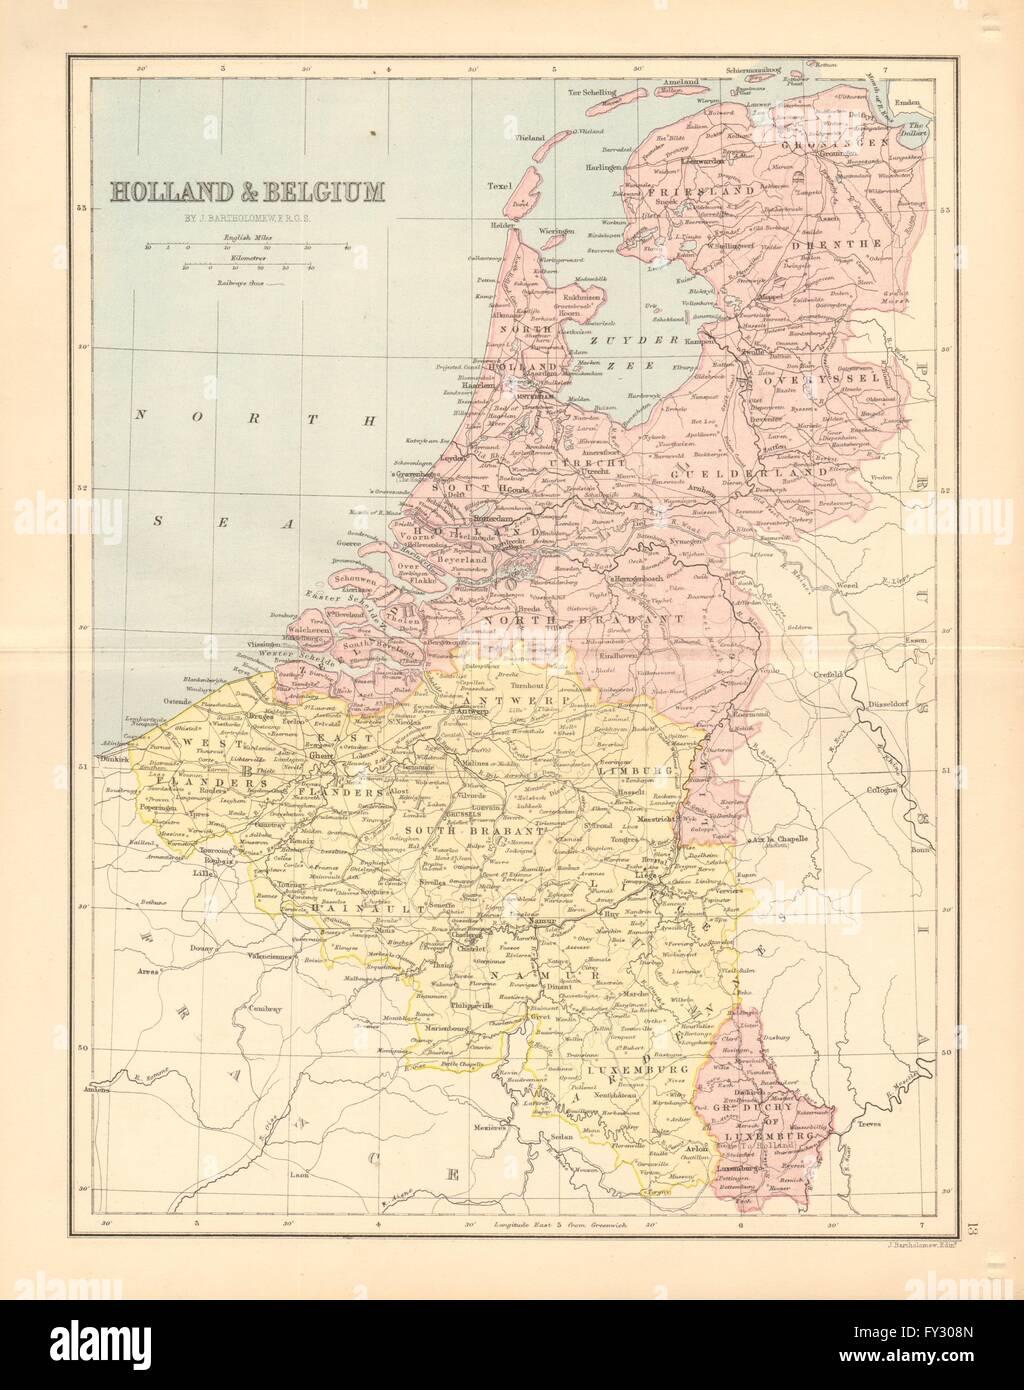 holland belgium luxembourg bartholomew 1876 antique map